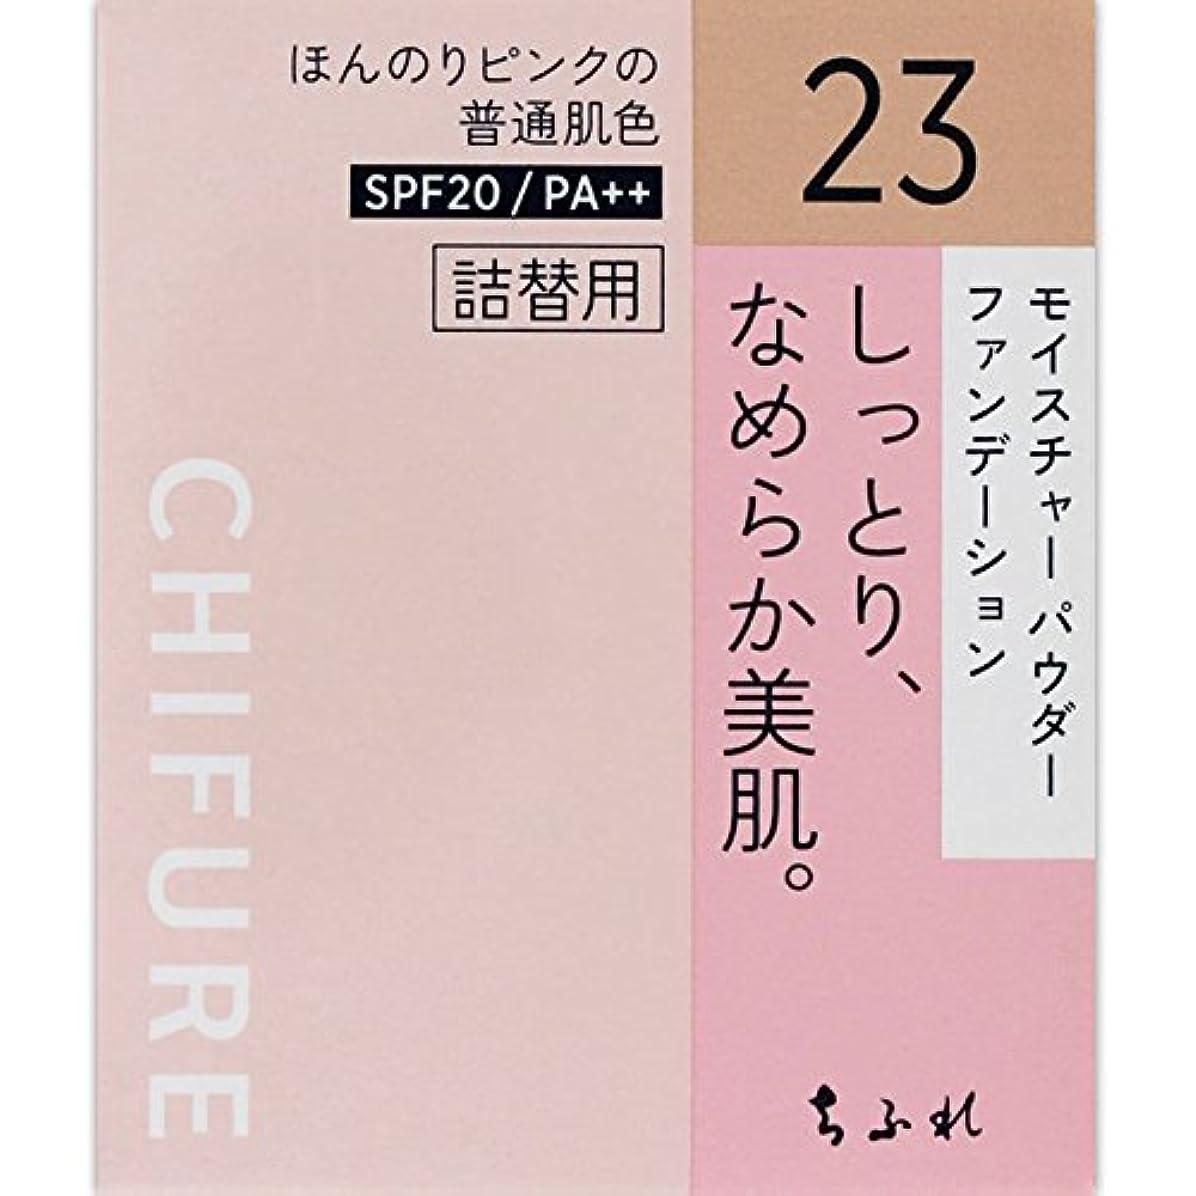 広々としたトン彼のちふれ化粧品 モイスチャー パウダーファンデーション 詰替用 ピンクオークル系 MパウダーFD詰替用23